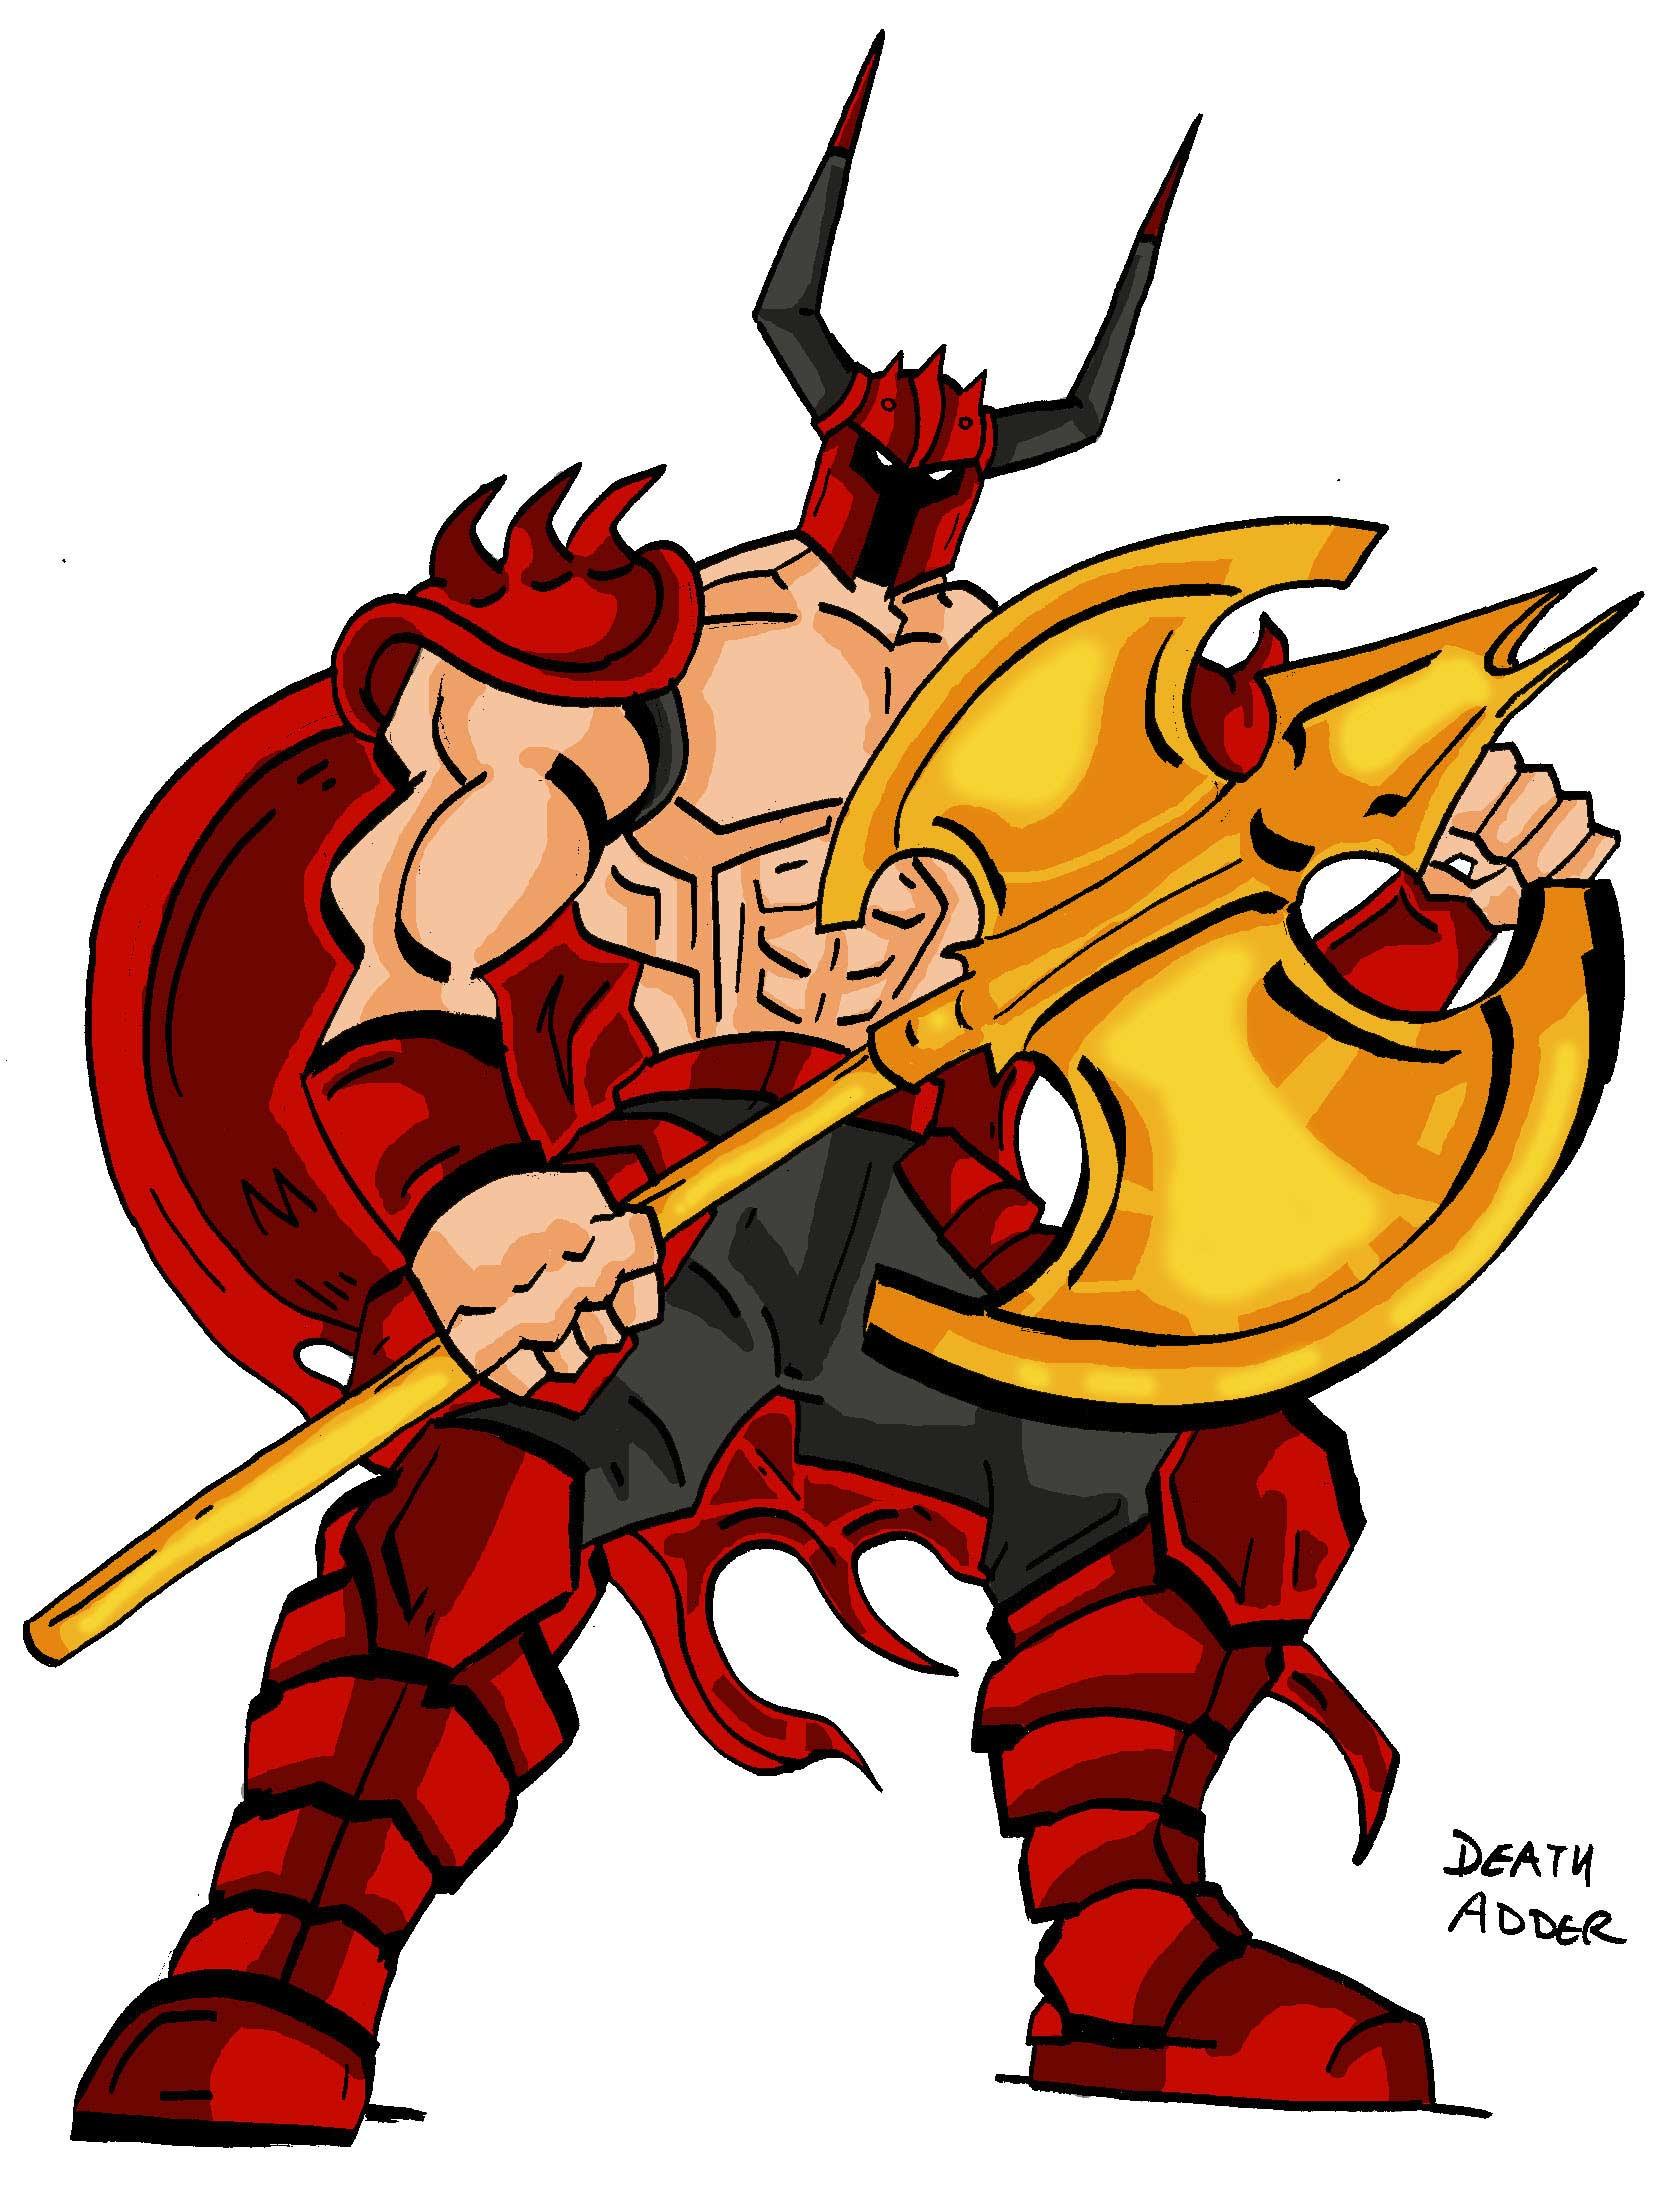 Ax clipart golden axe. The resource death adder